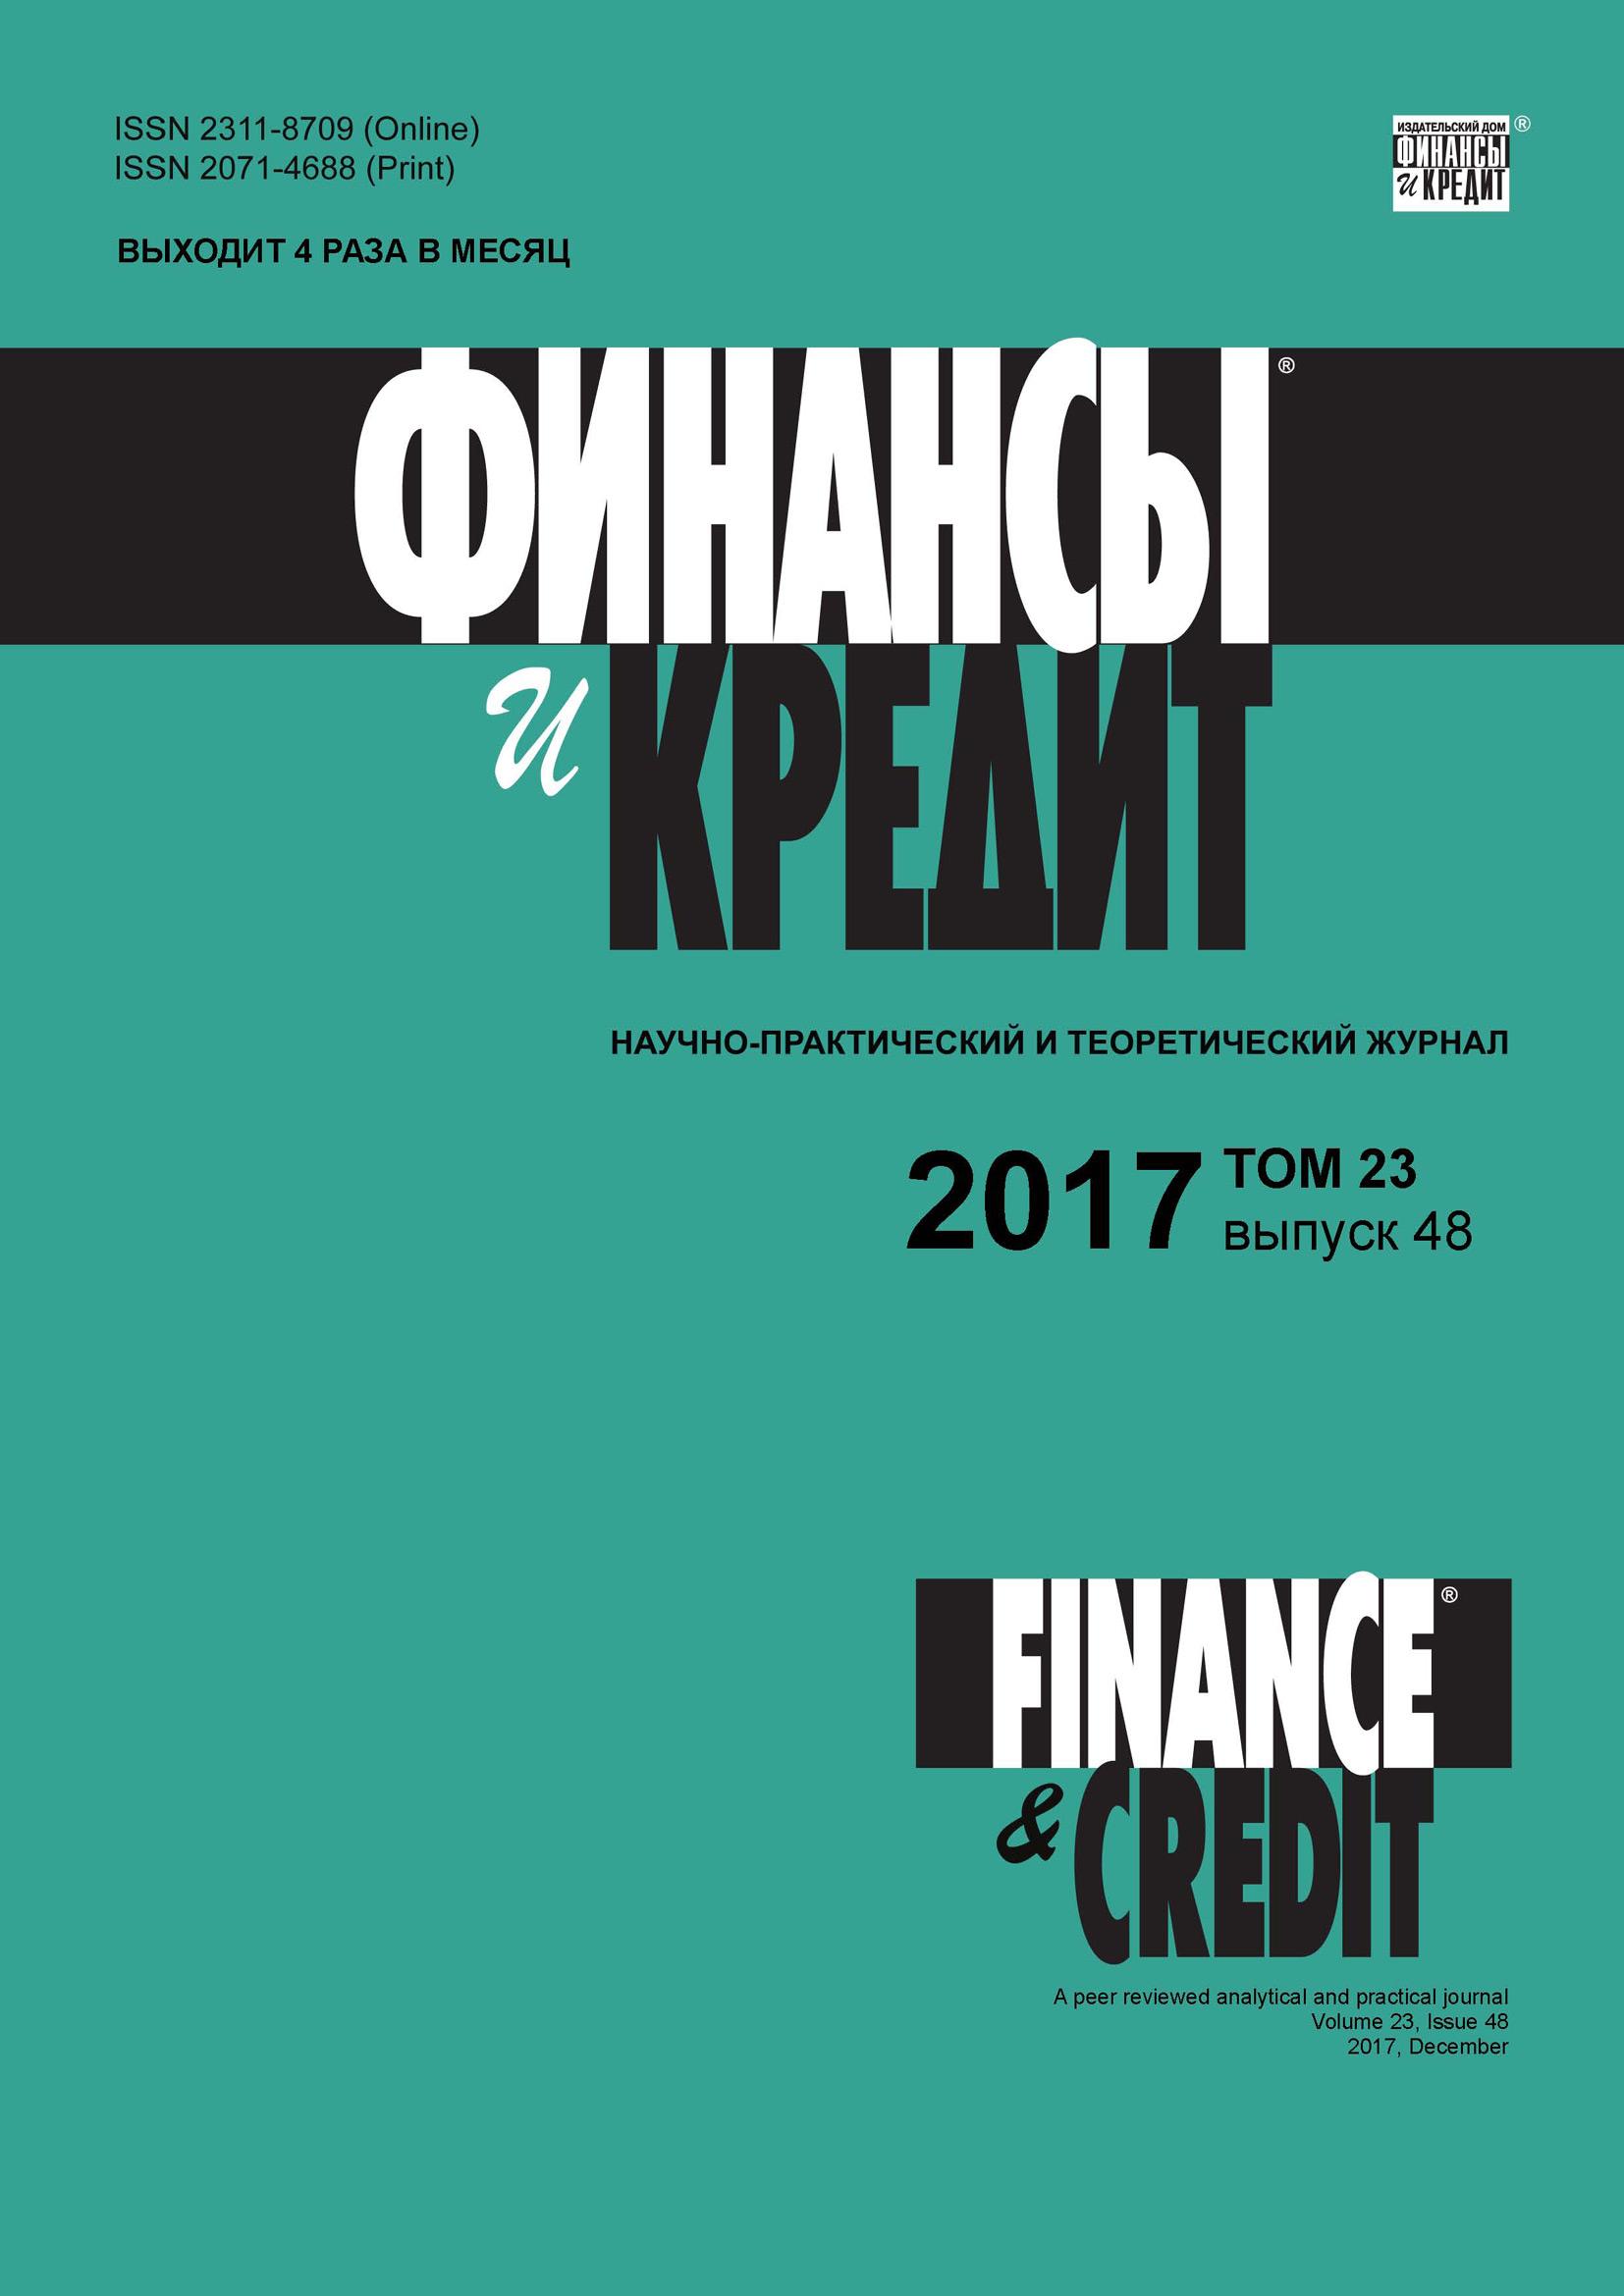 Финансы и Кредит № 48 2017 ( Отсутствует  )